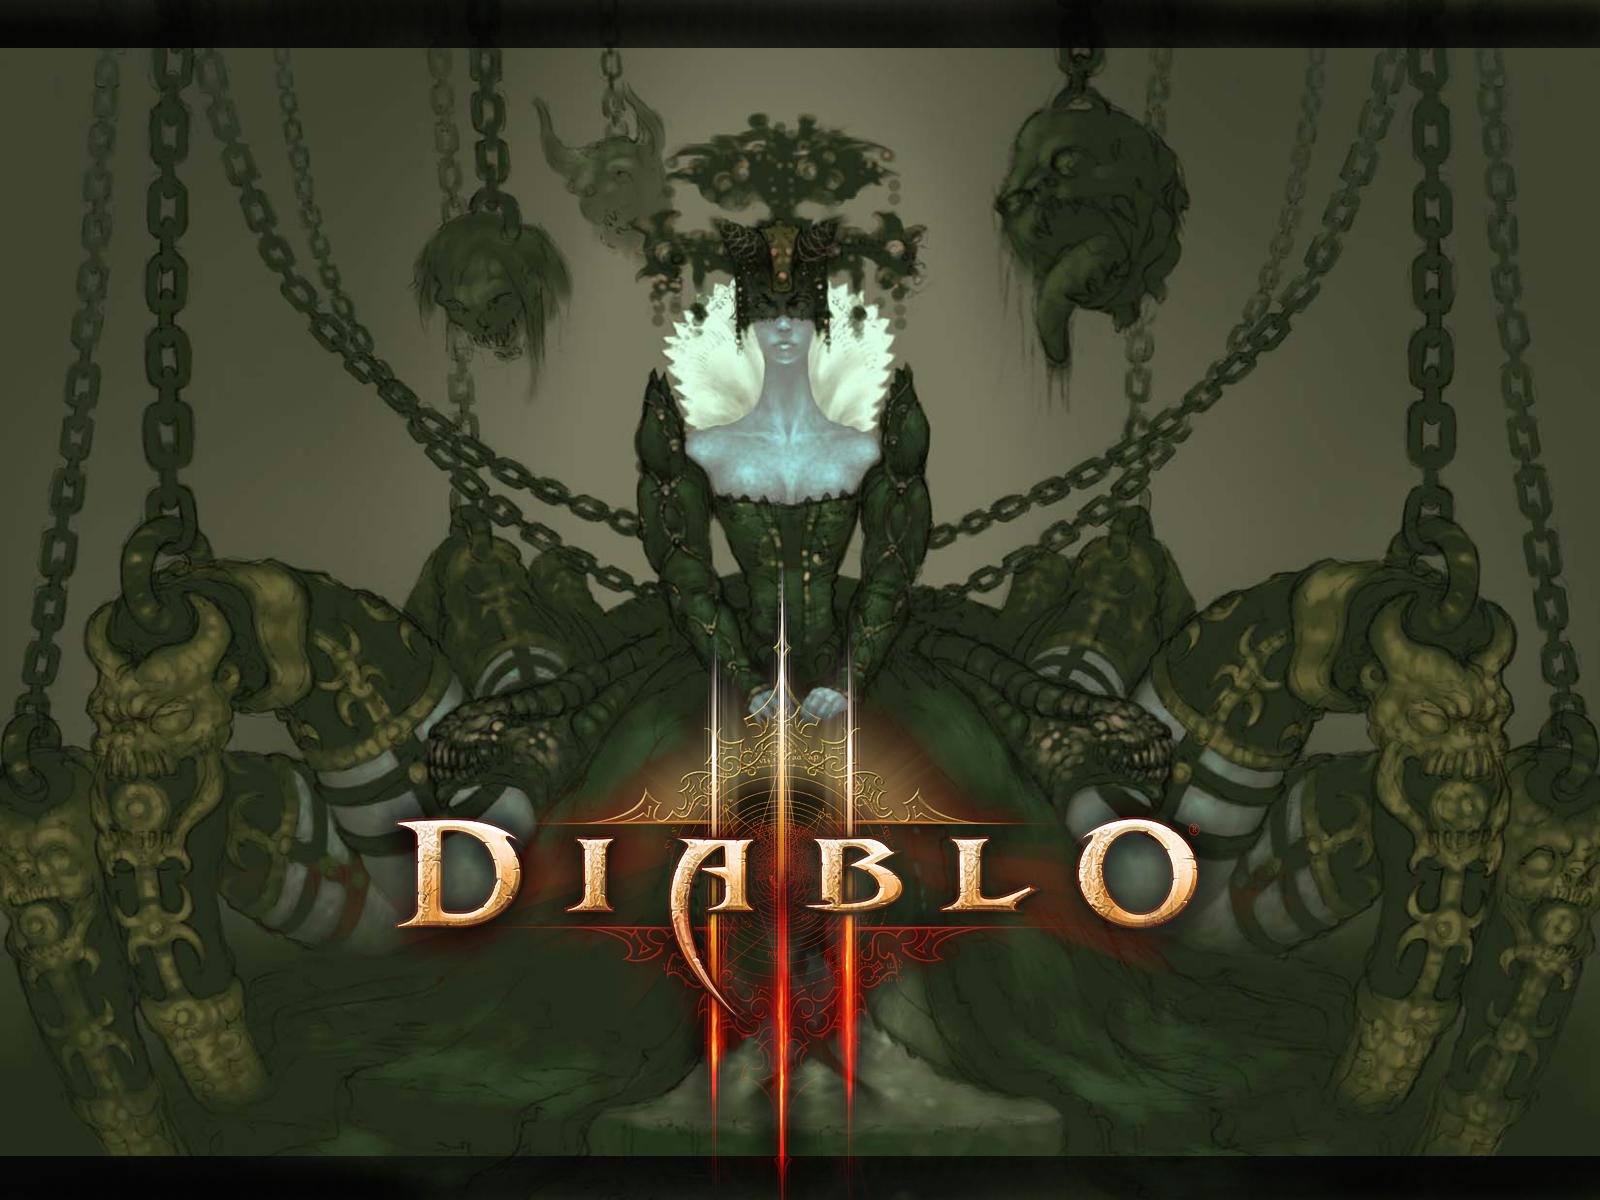 Diablo III стала самой успешной PC-игрой в истории - Изображение 1